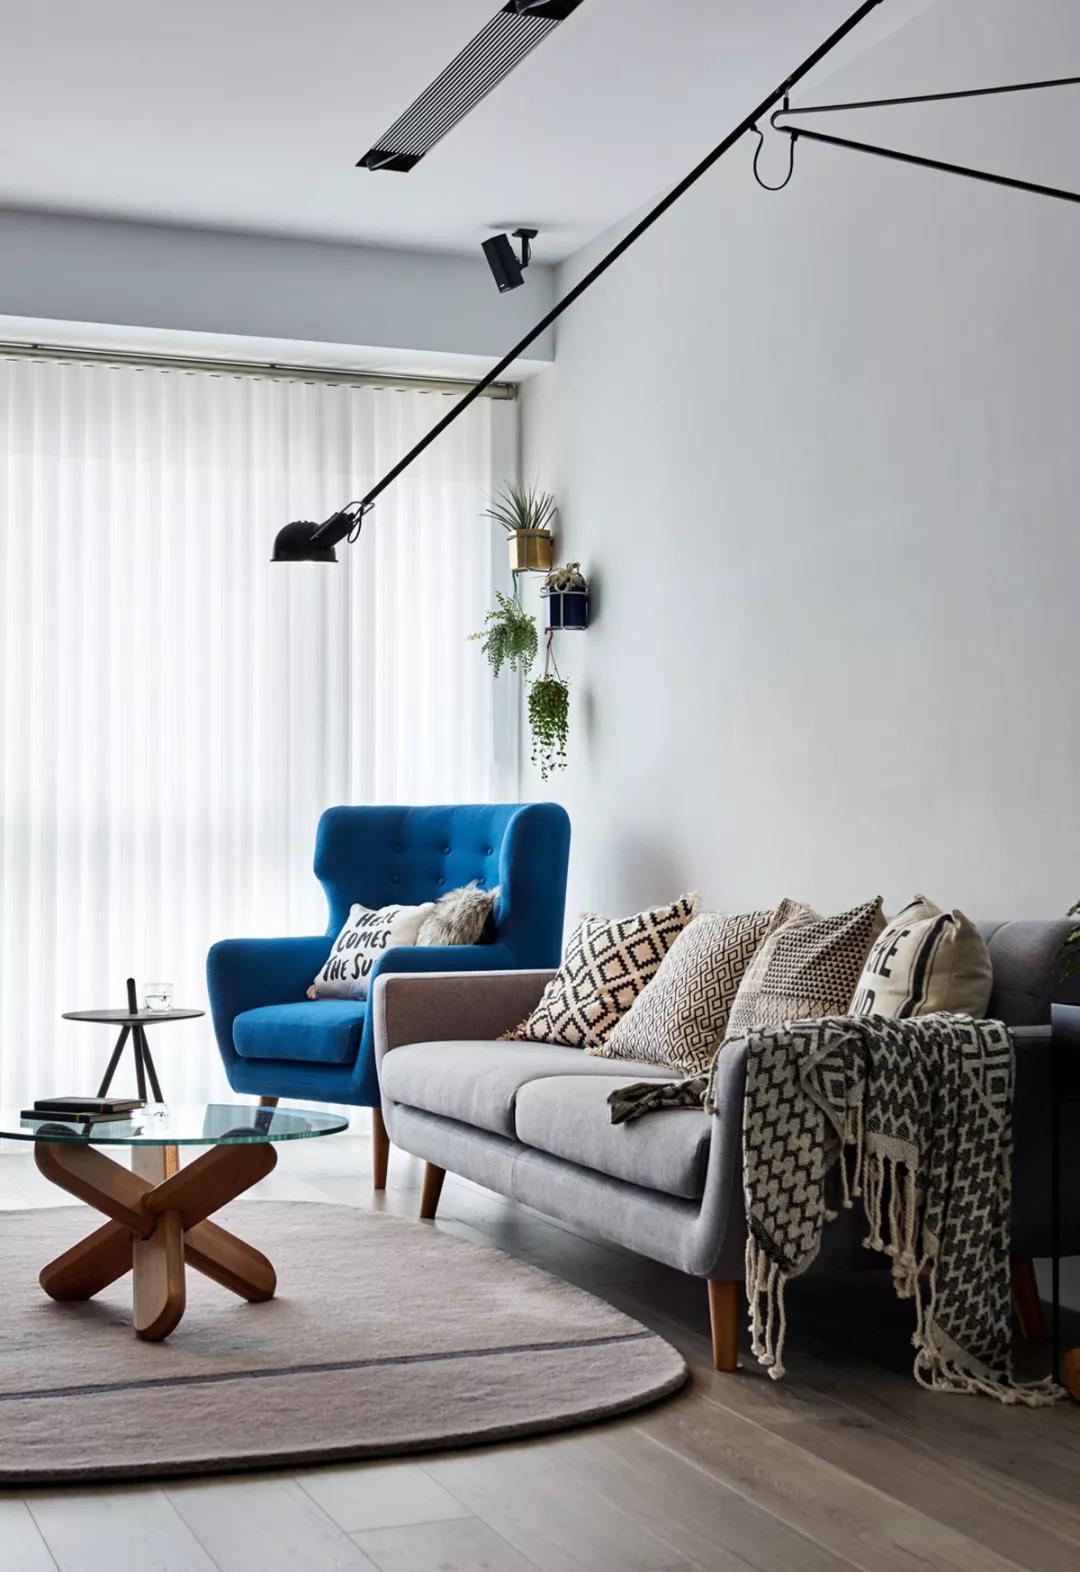 △客厅的储物体系 客厅的沙发与电视背景 平行设置 被拉长的壁灯图片